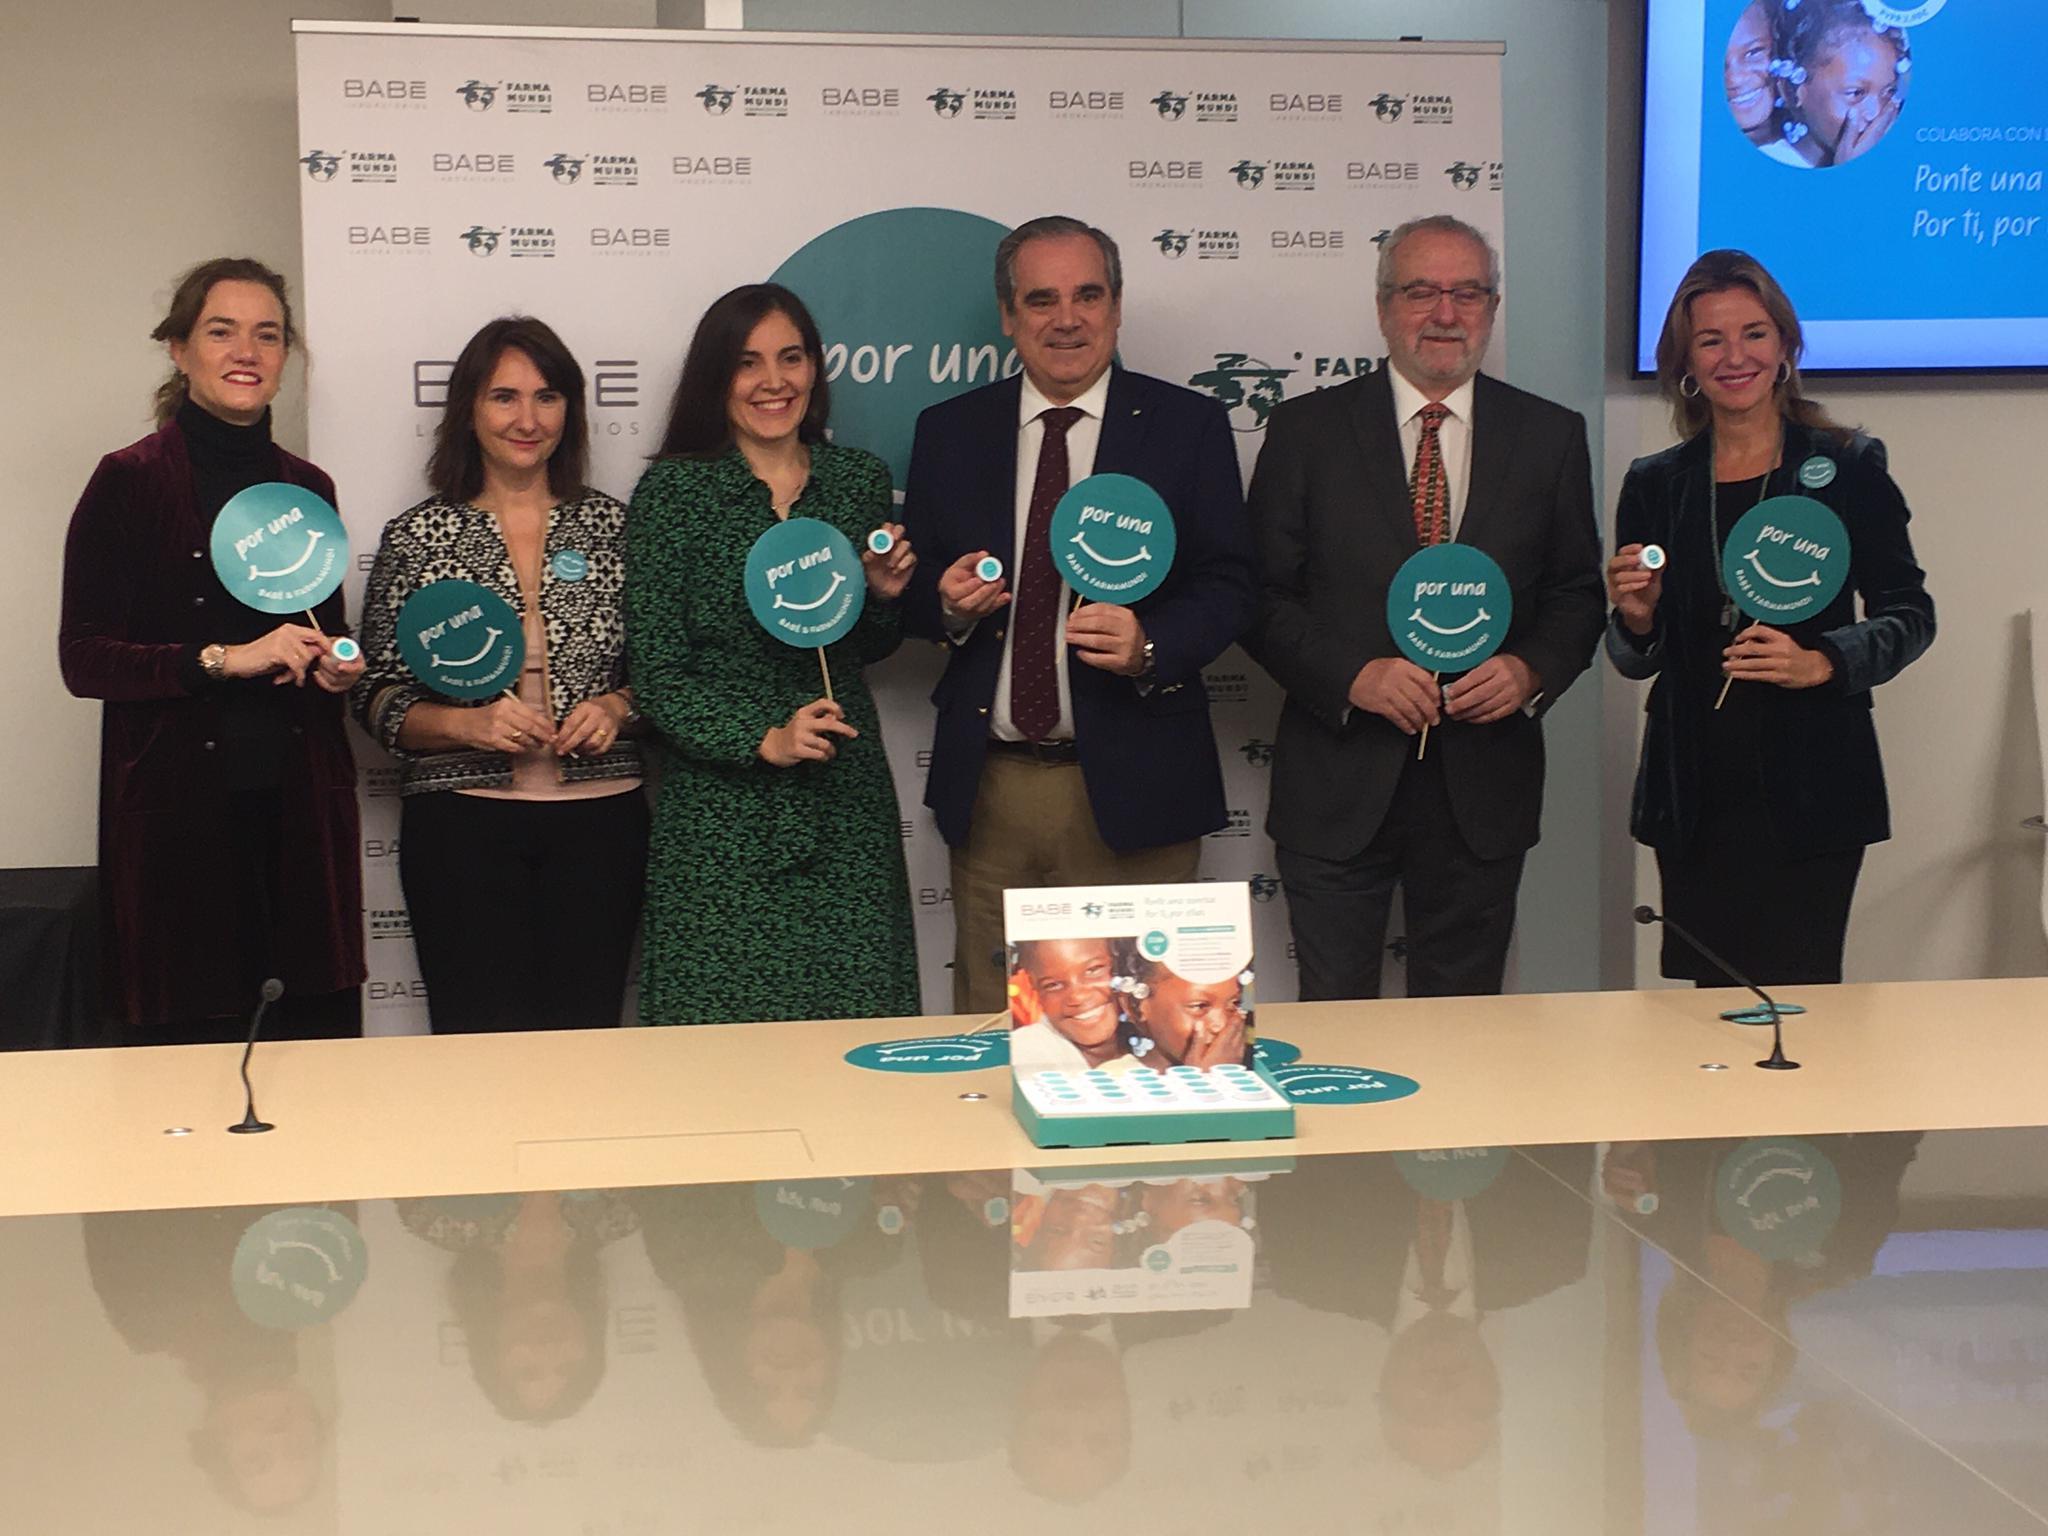 'Por una sonrisa', la nueva campaña en farmacias junto a Laboratorios BABÉ